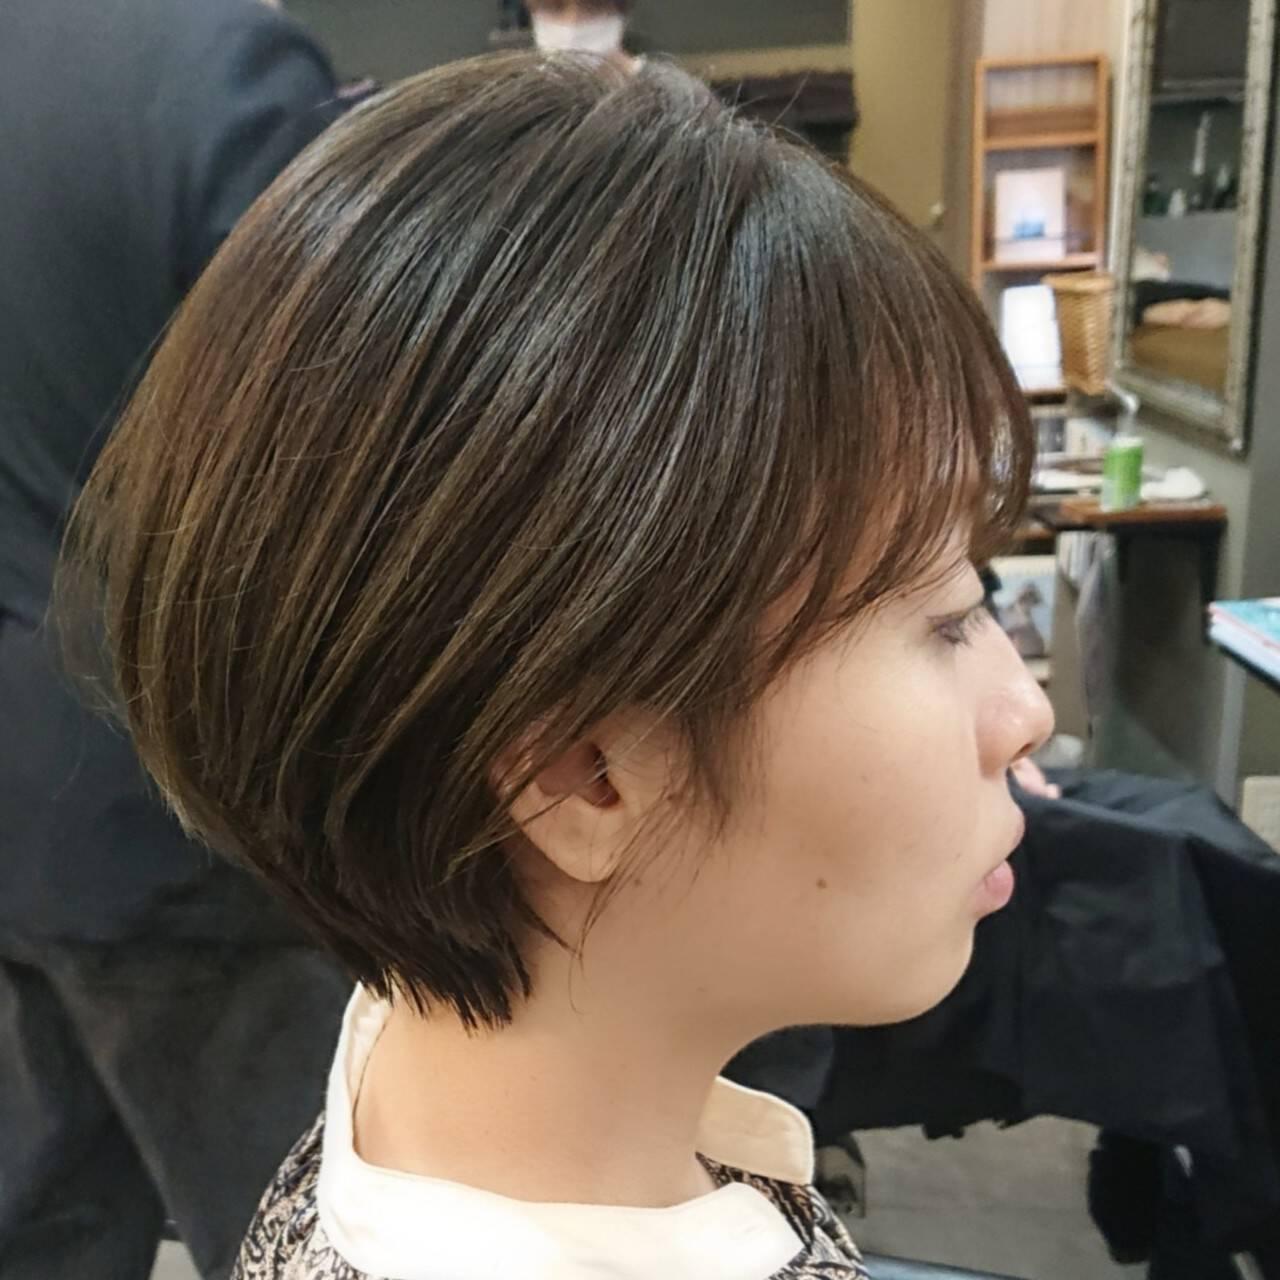 アッシュ 丸みショート ショート マッシュヘアスタイルや髪型の写真・画像